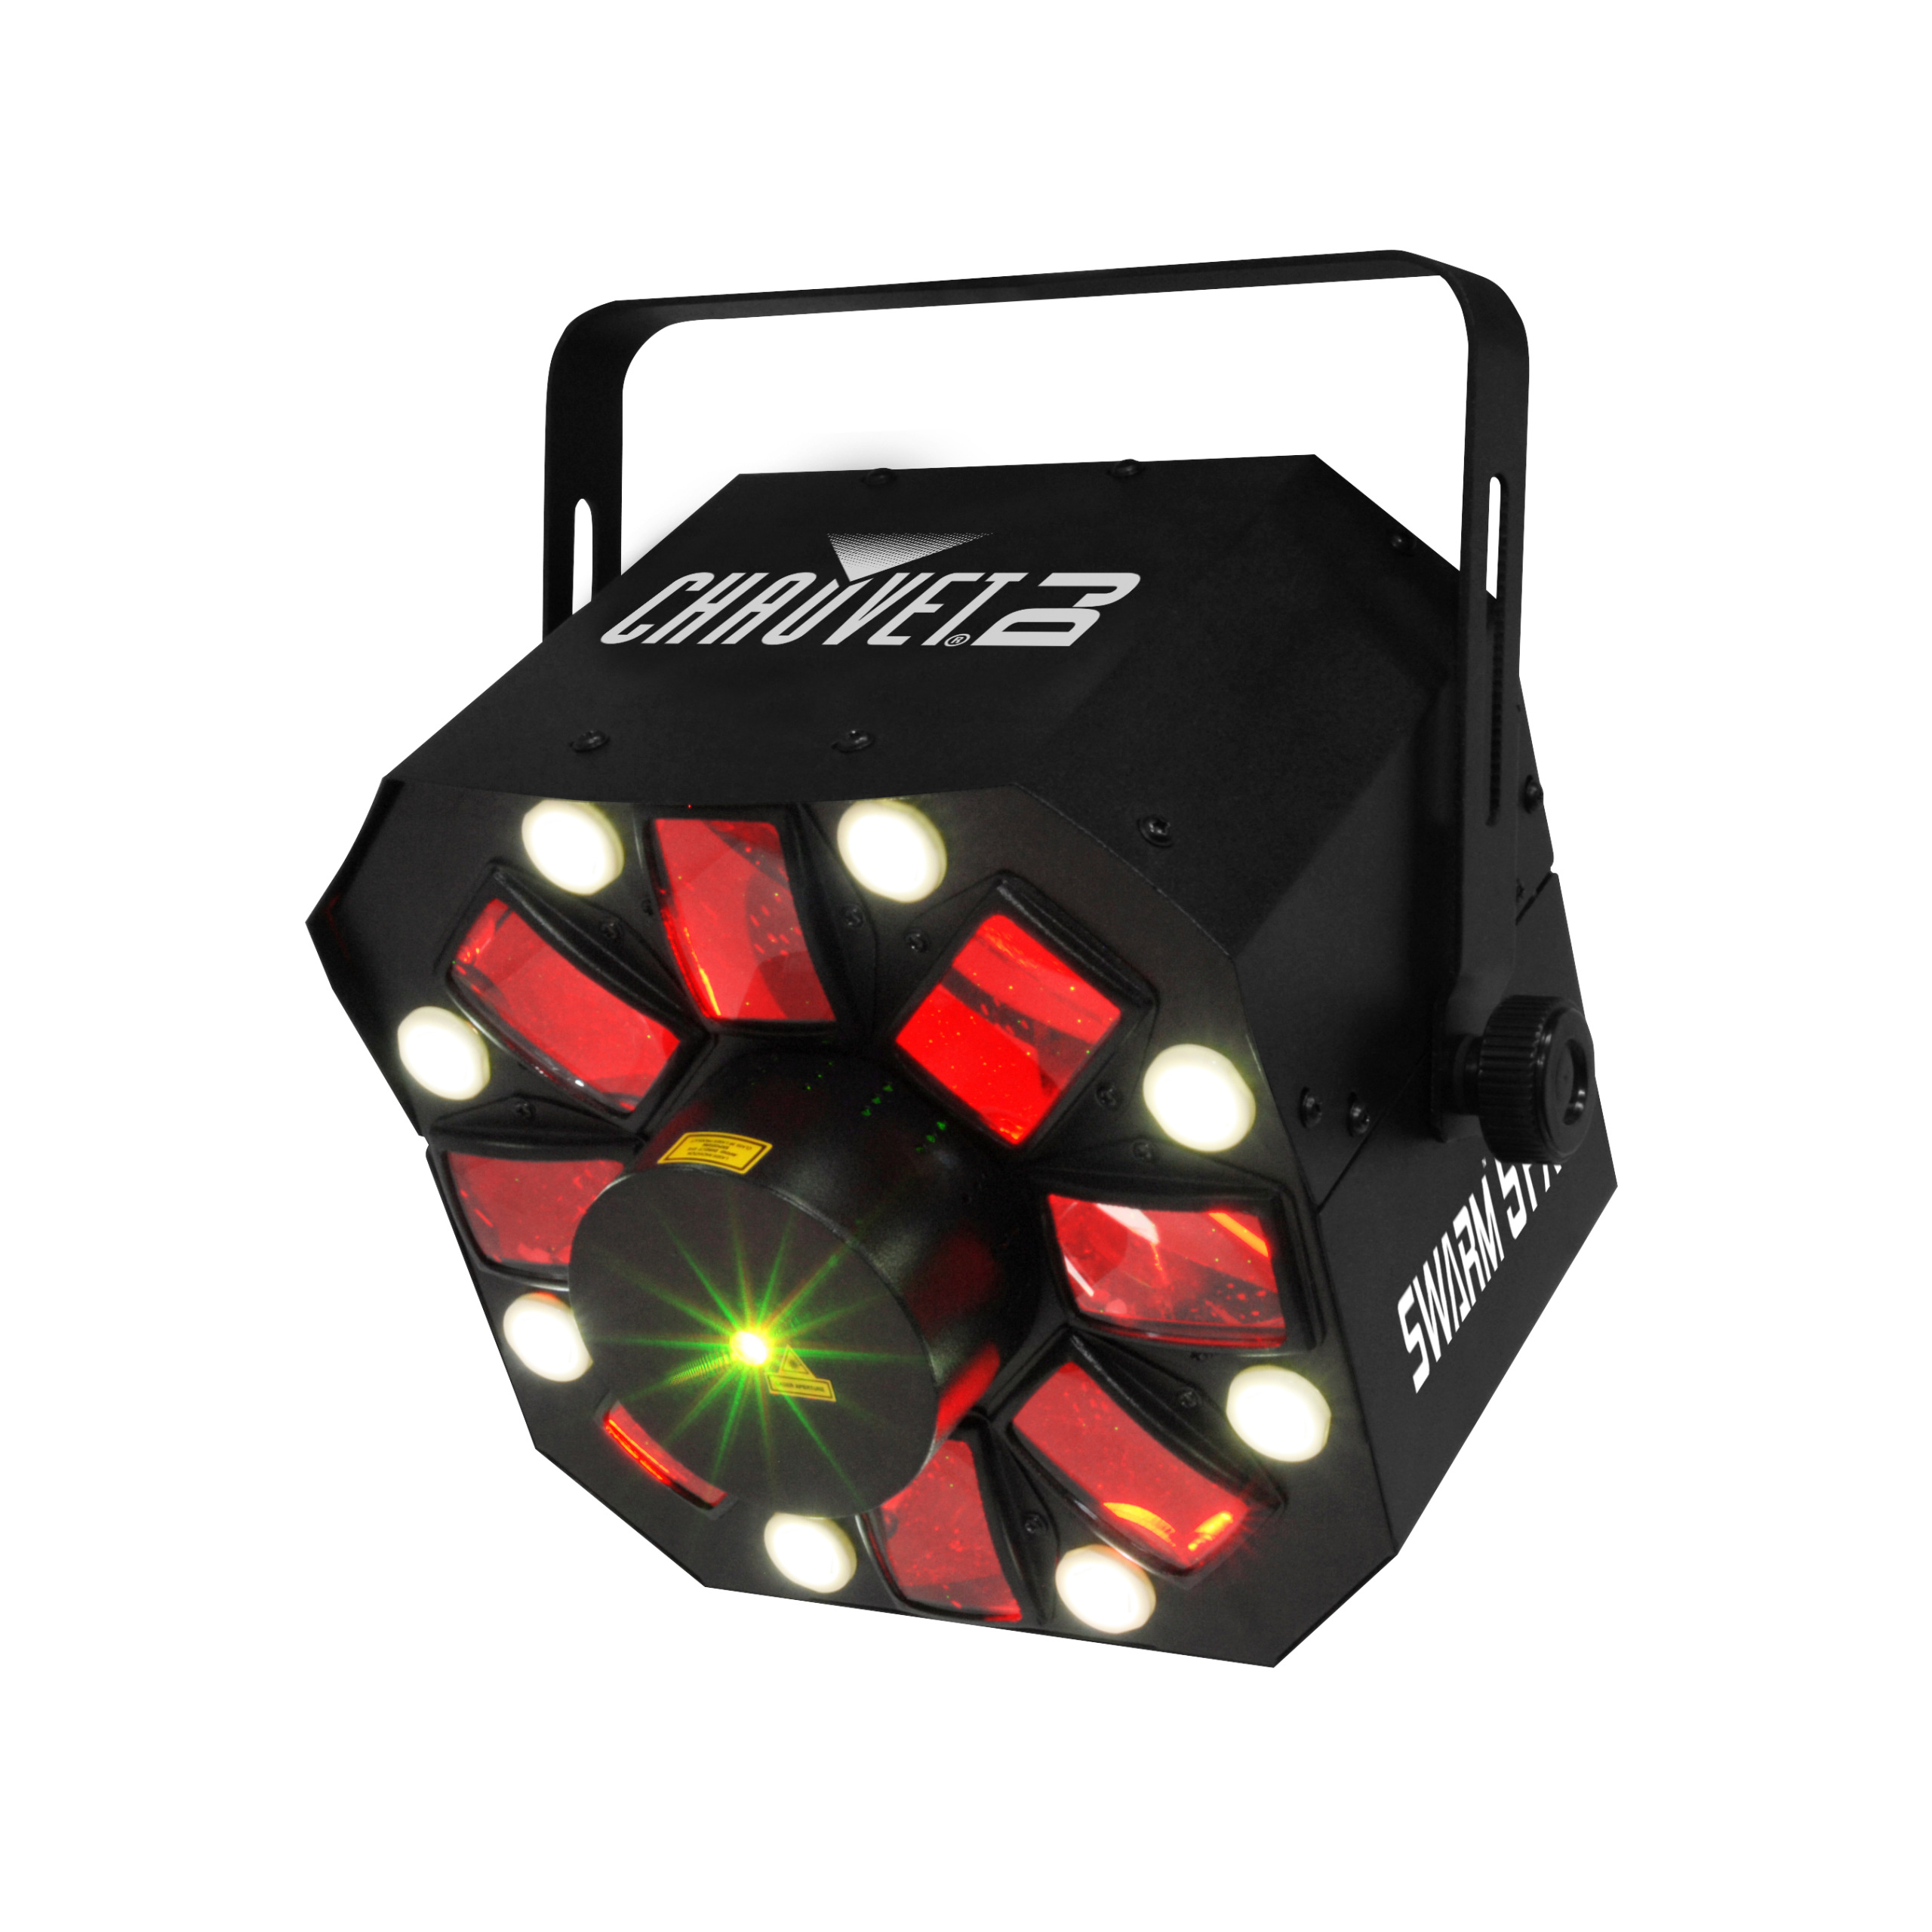 Chauvet DJ Swarm 5 FX 3-in-1 LED light